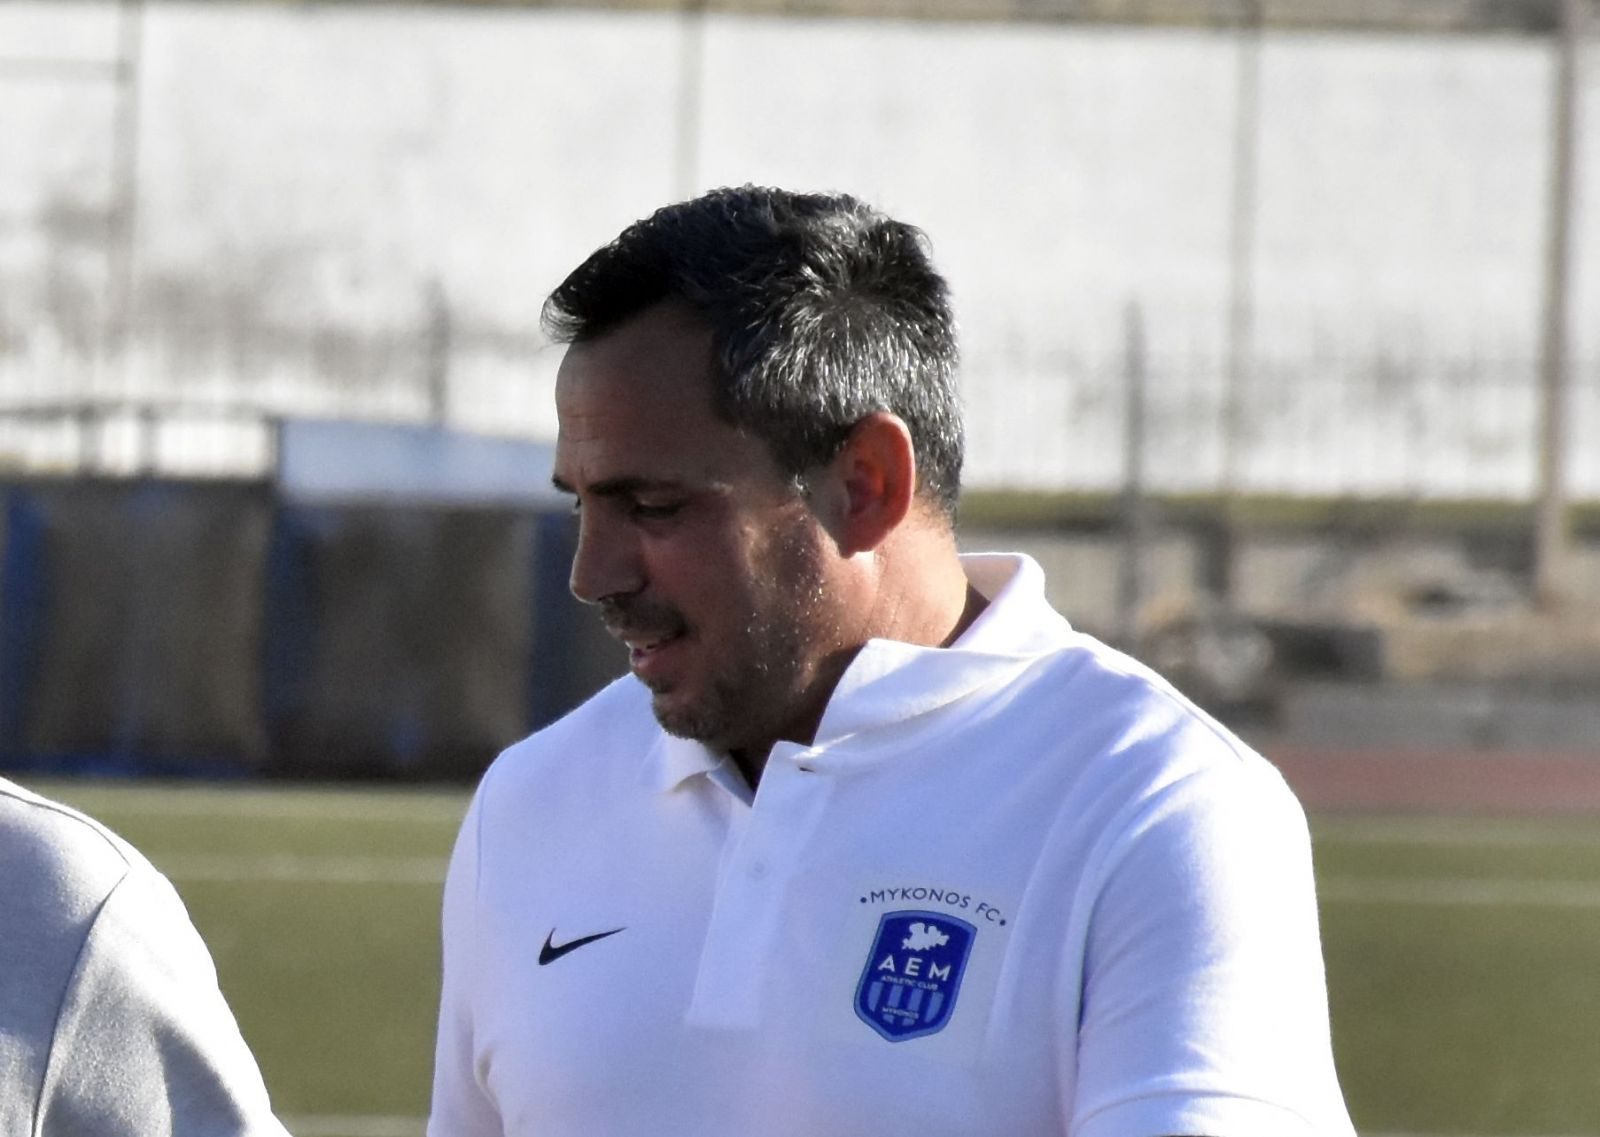 Ανδρέας Σκέvτζος: «Θέλουμε μια ισχυρή, υγιείς ομάδα που θα παίζει καλό ποδόσφαιρο»